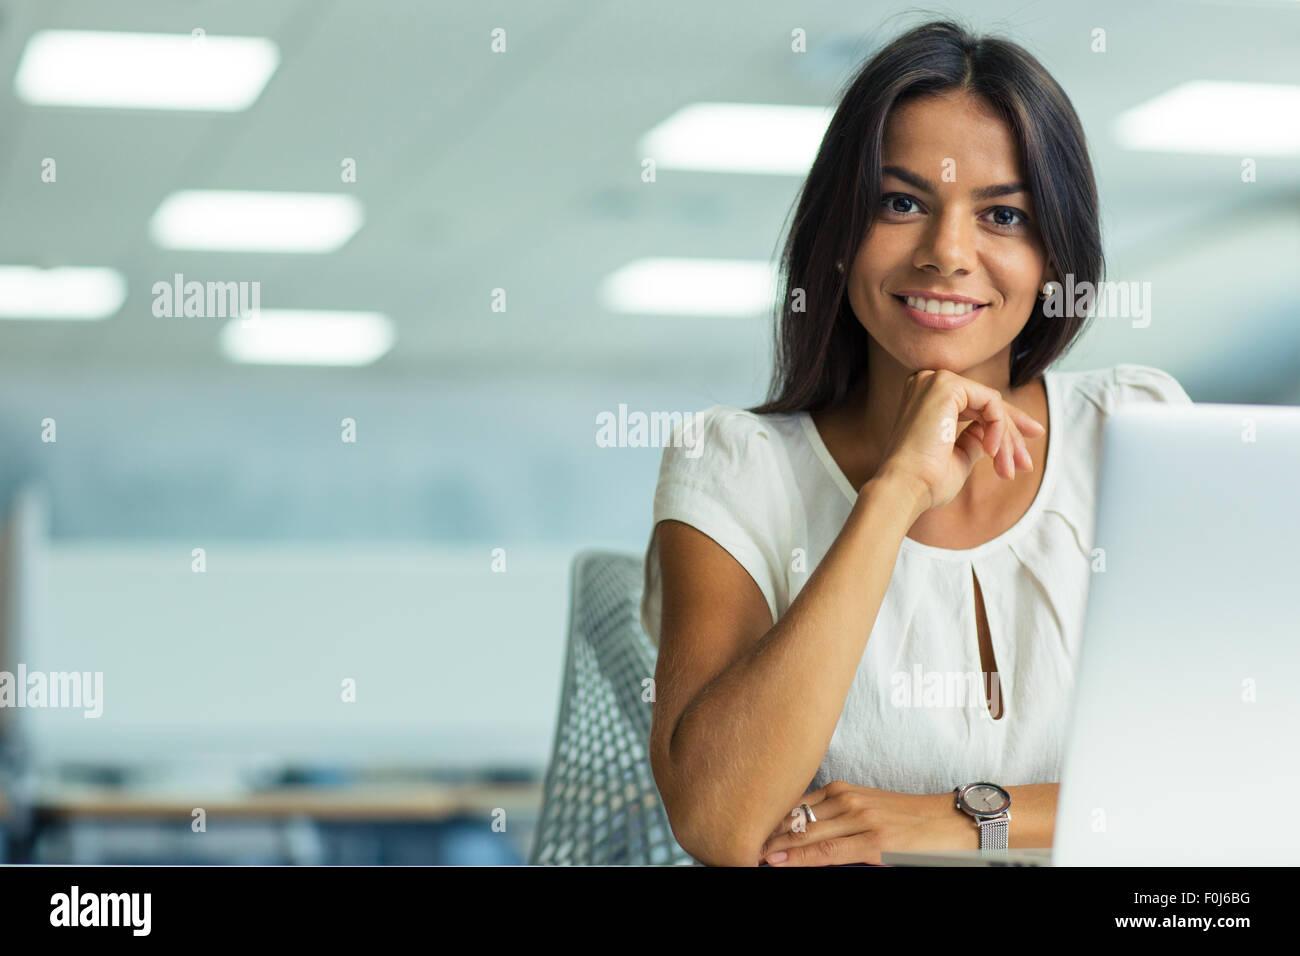 Retrato de un sonriente empresaria trabajando en Office Imagen De Stock